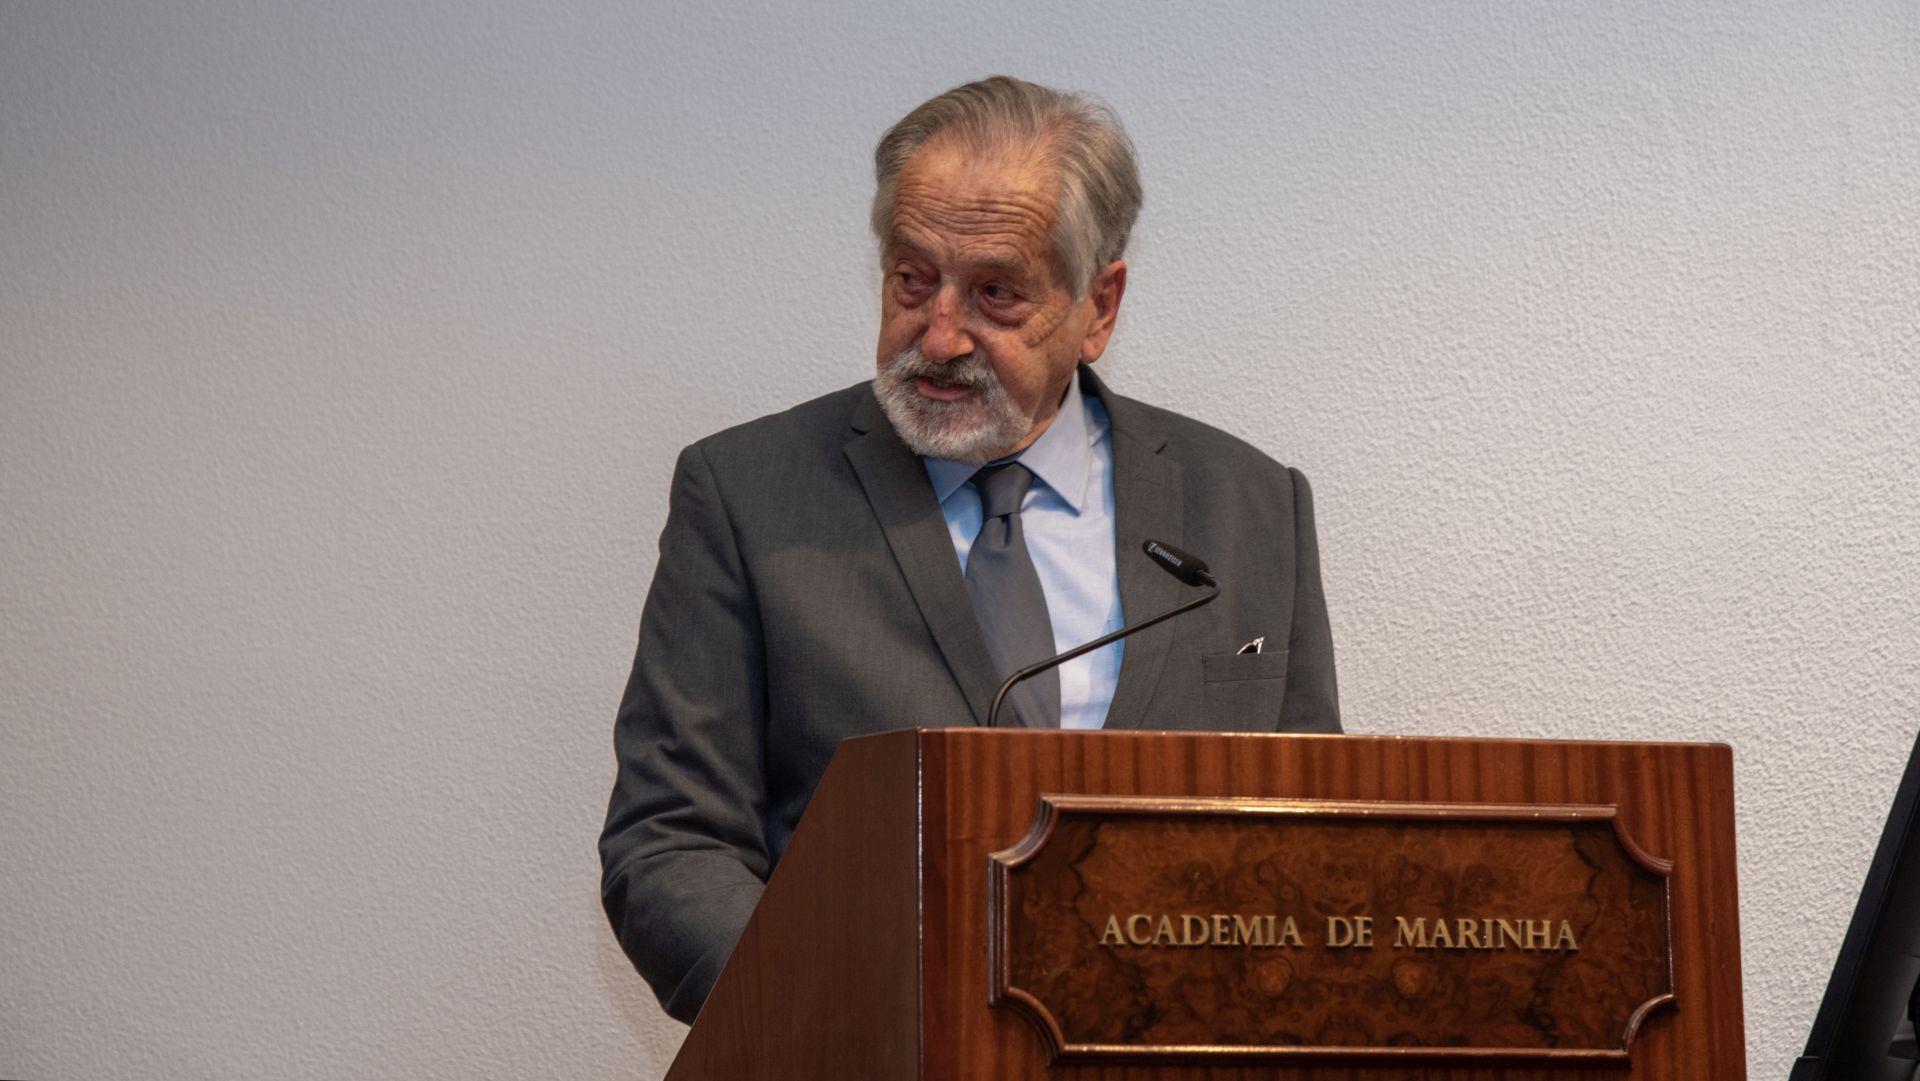 O confrade Fernando Lemos Gomes agradecendo a distinção â Academia de Marinha